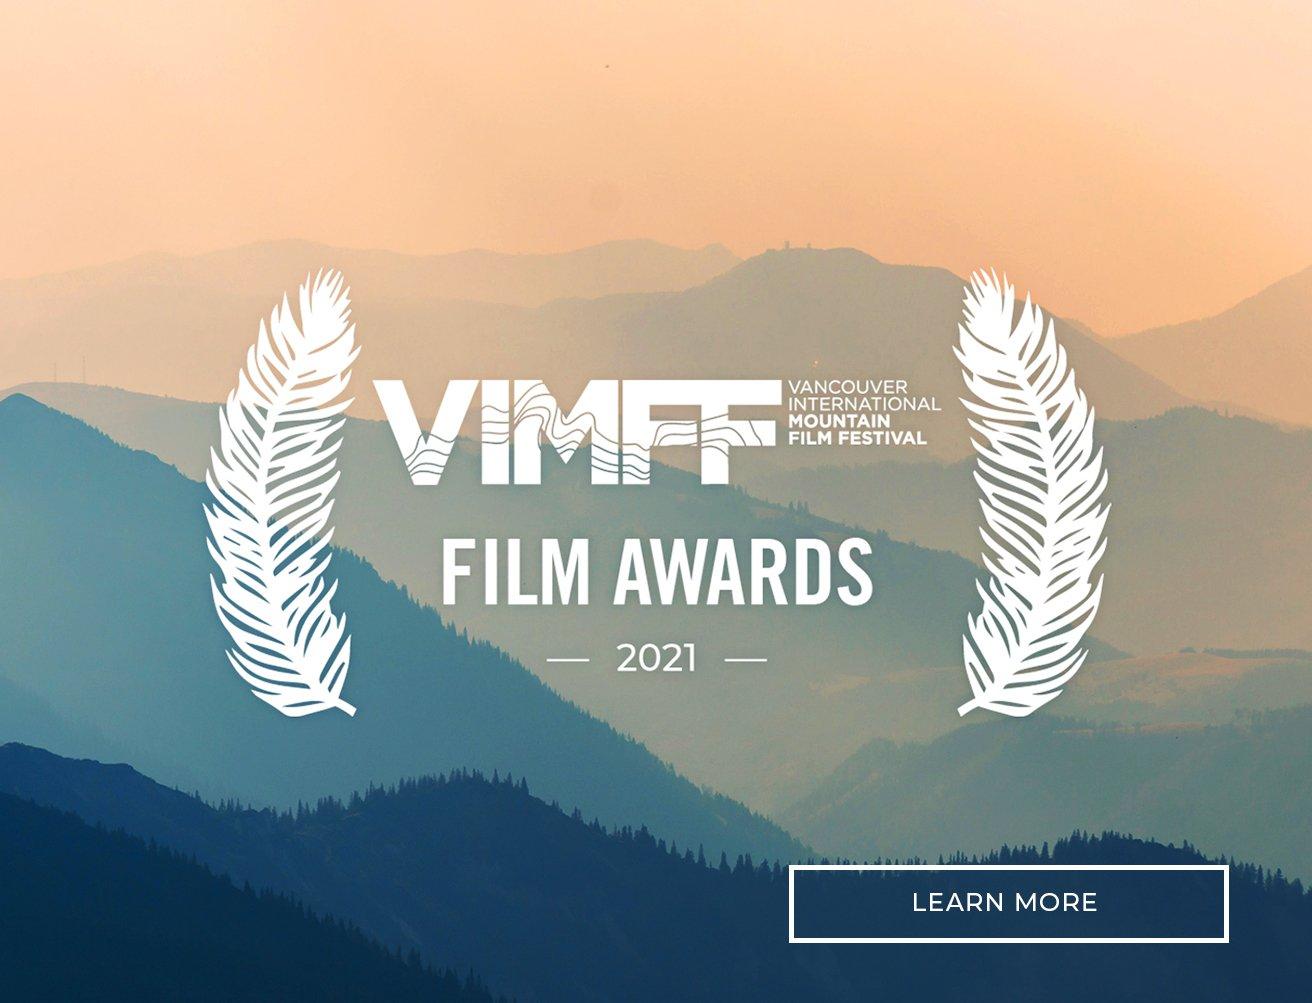 vimff film awards cta